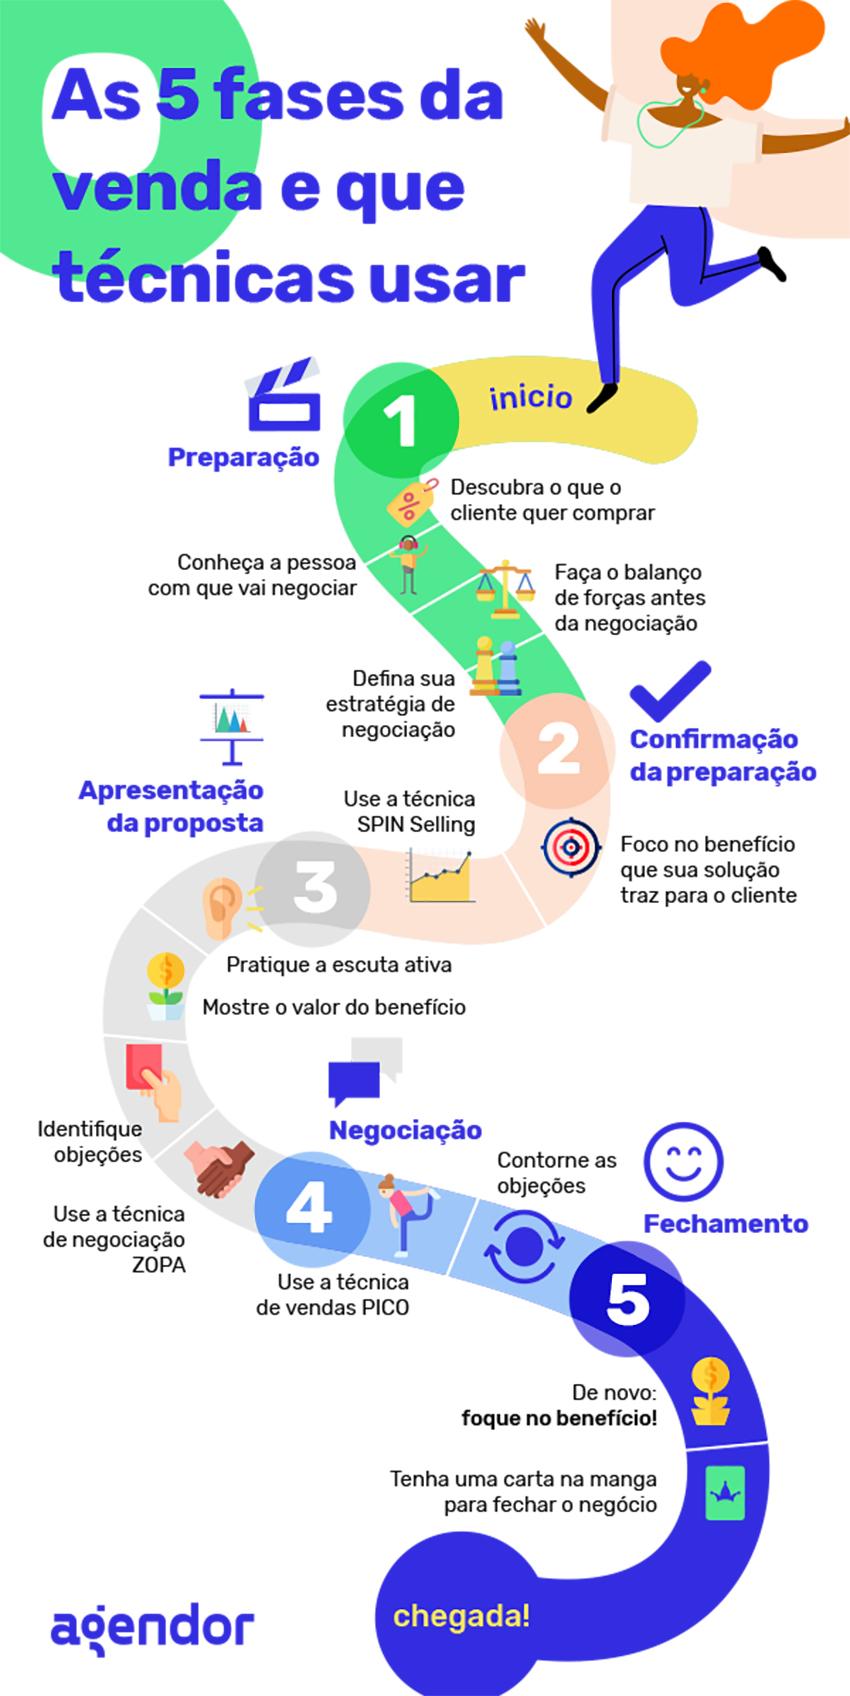 As 5 fases da venda e que técnicas usar